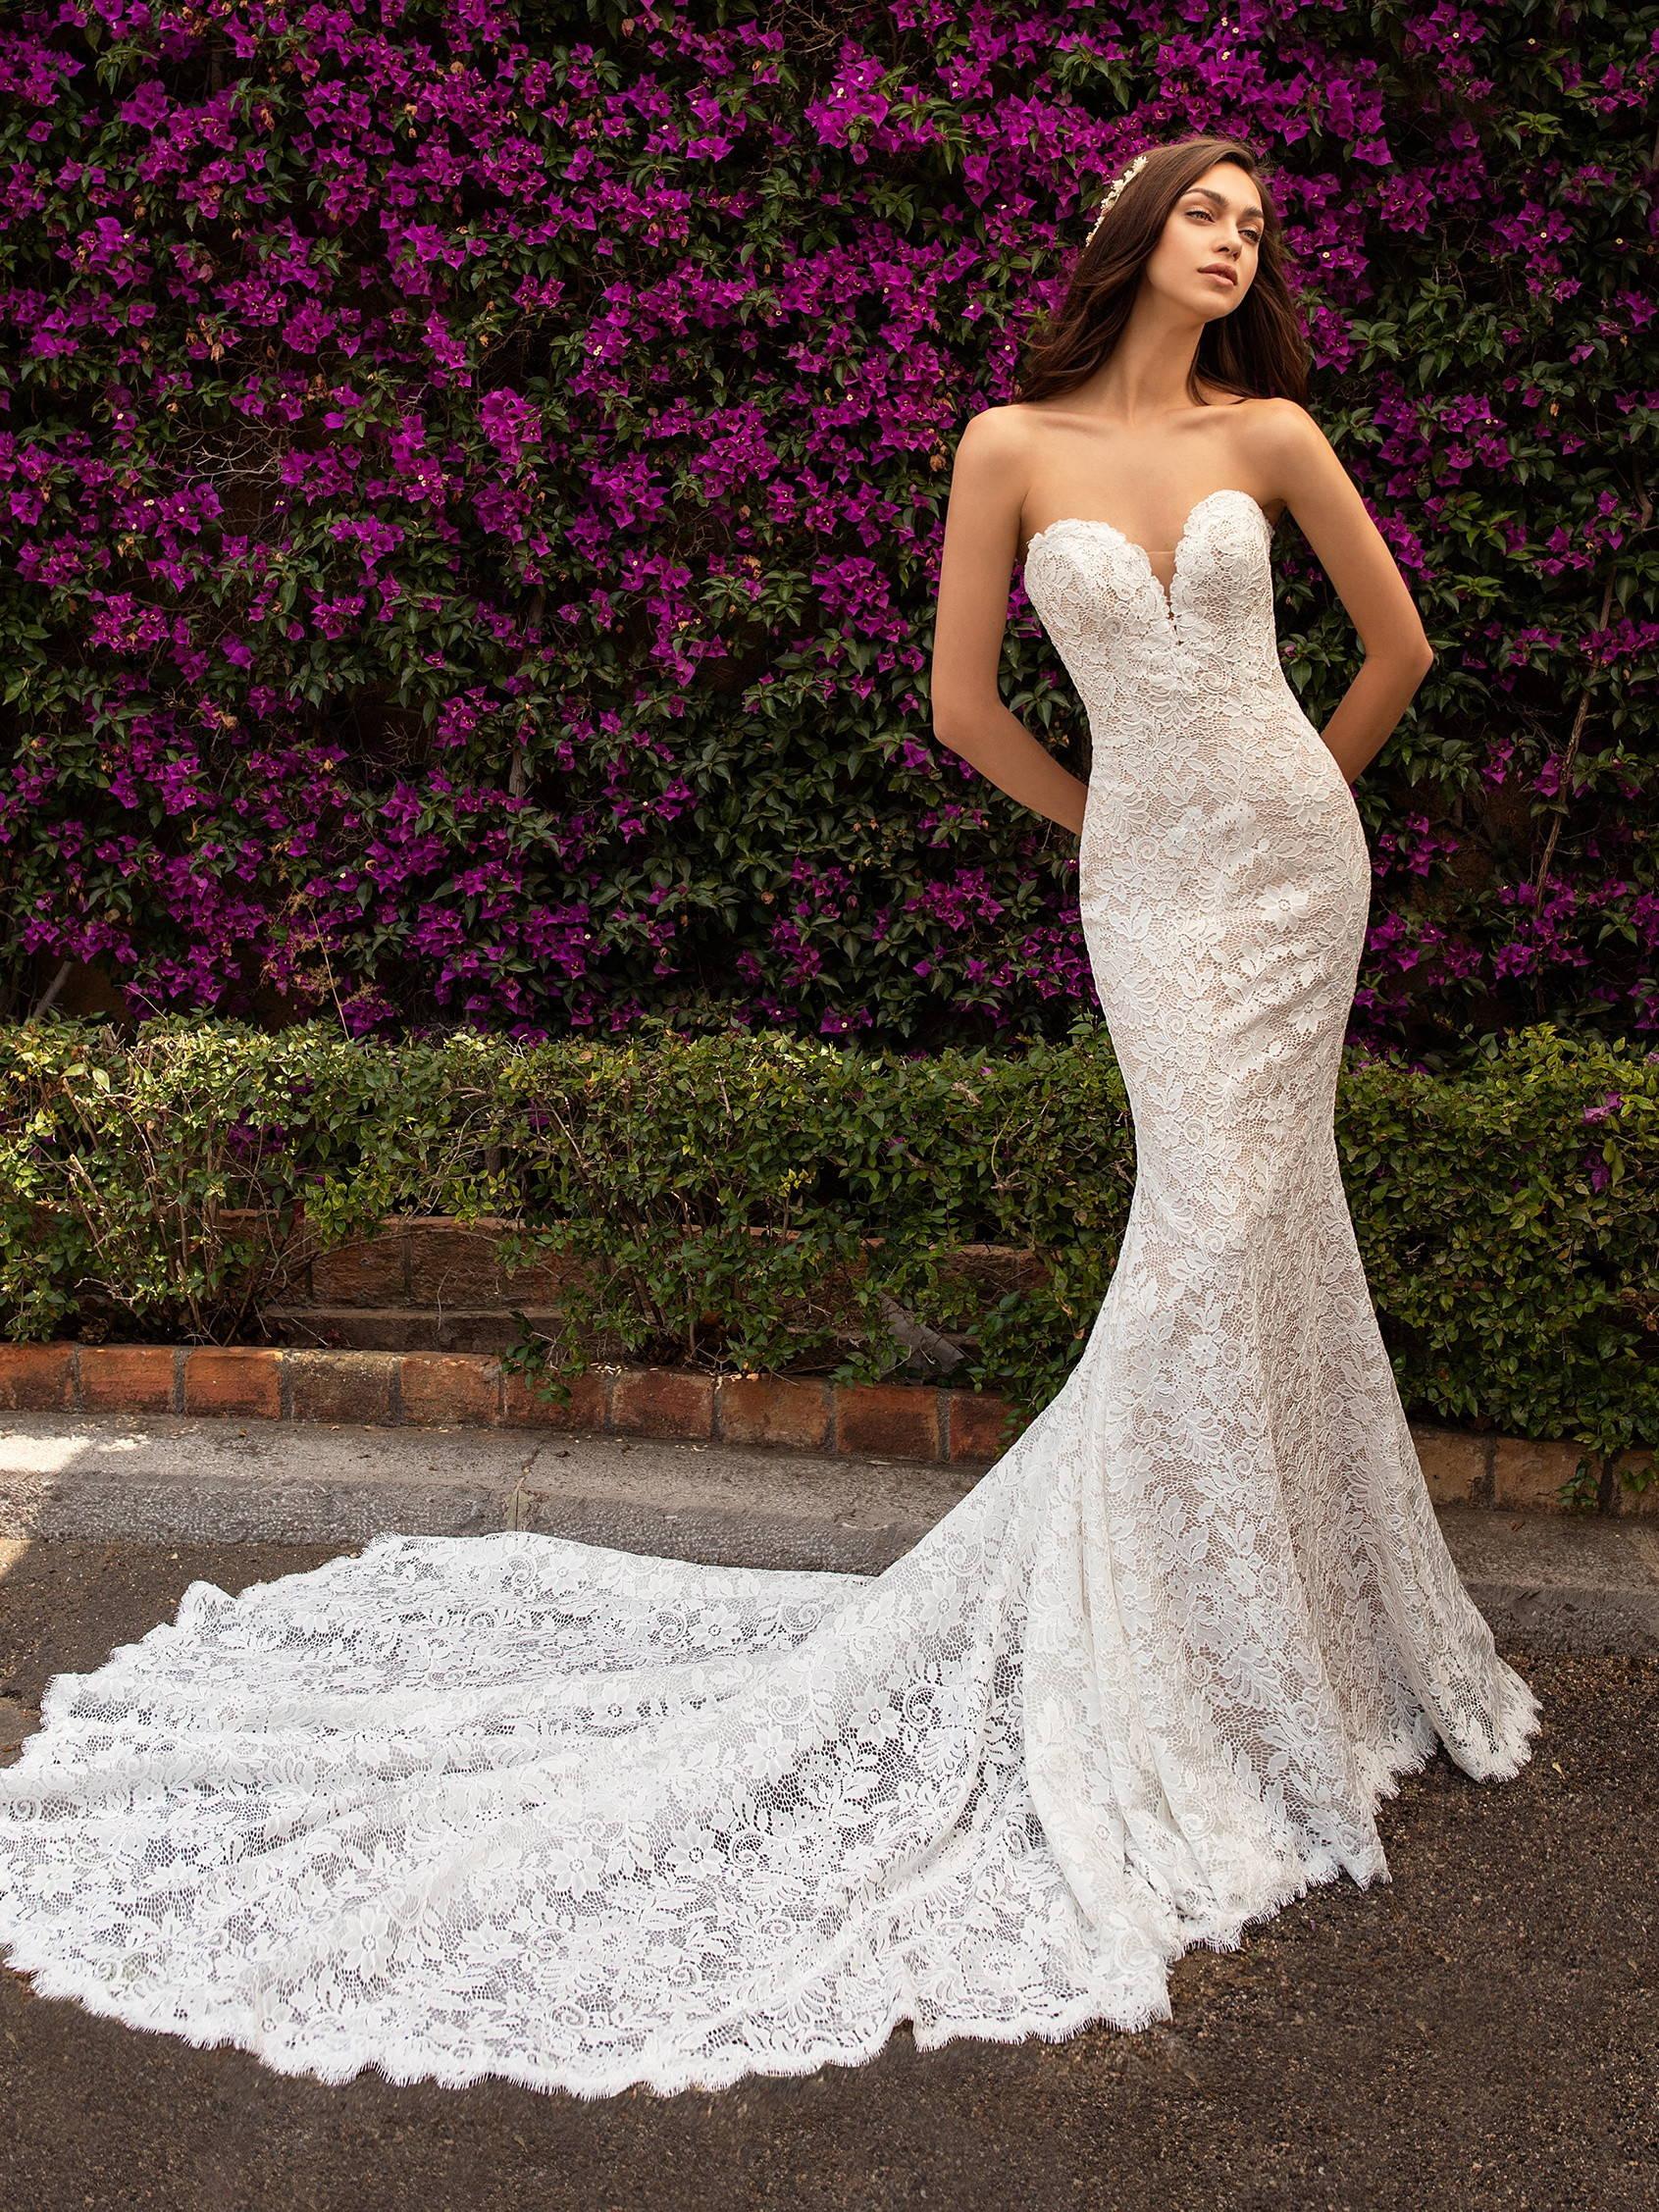 PRONOVIAS EITHEL WEDDING DRESS